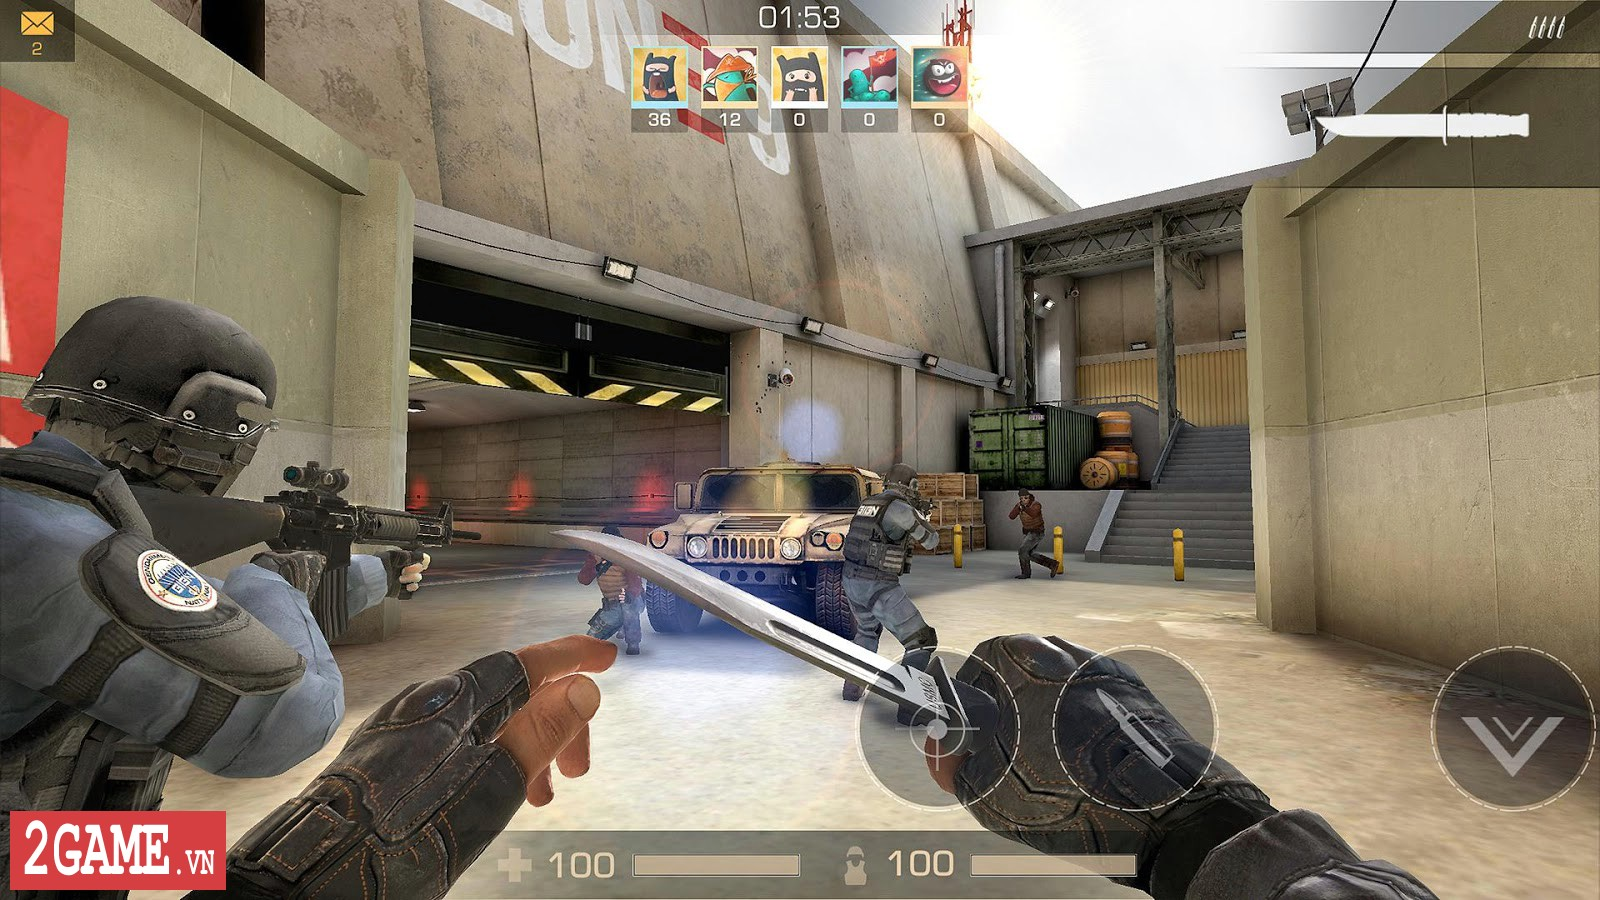 Standoff 2 - Game mobile bắn súng với đồ họa 3D cực kỳ chân thực 4